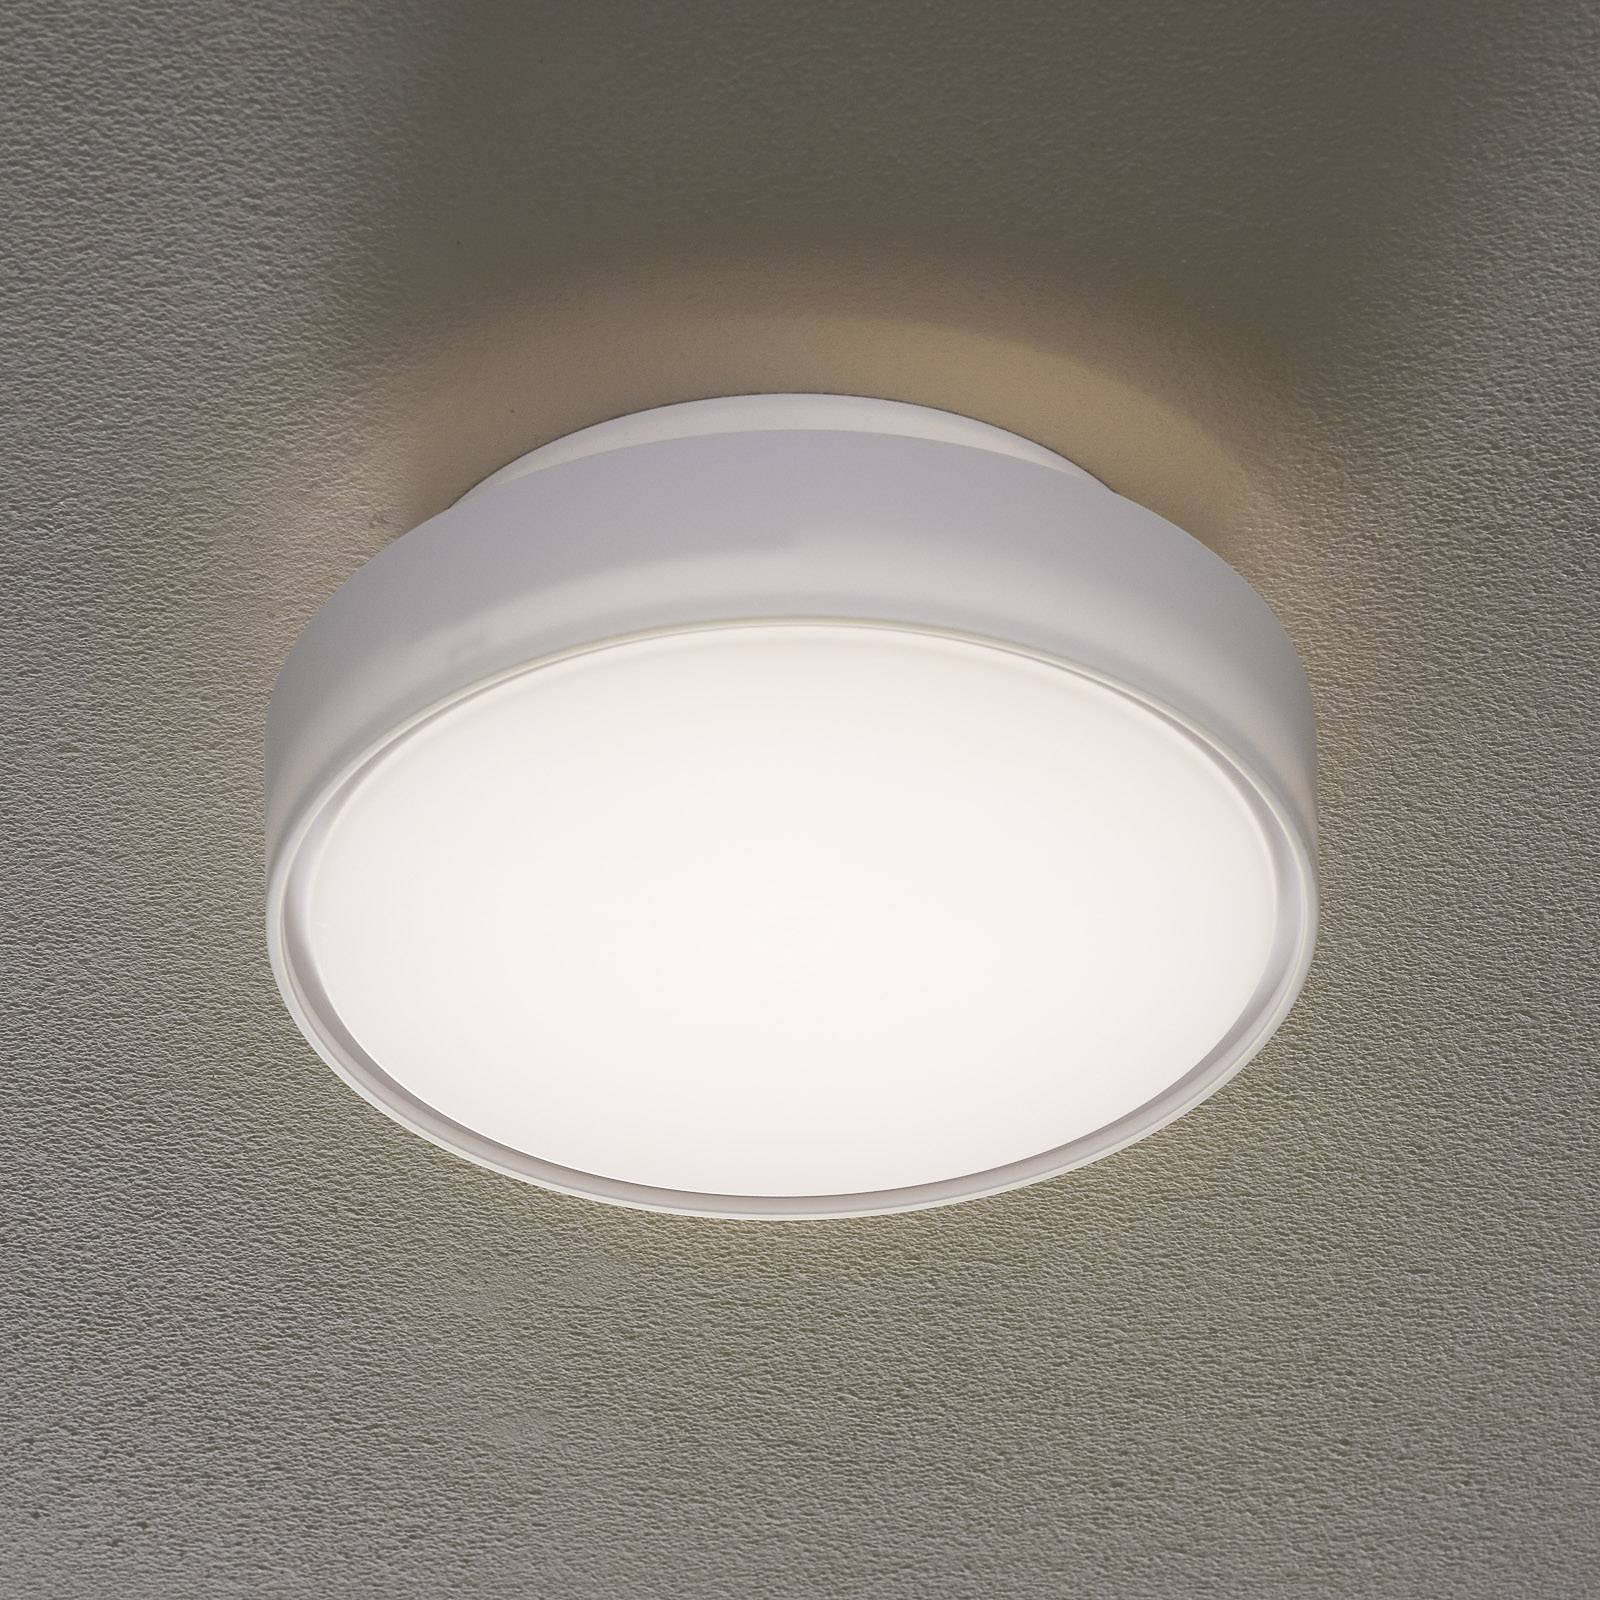 Hatton-LED-kattovalaisin IP65, 25 cm